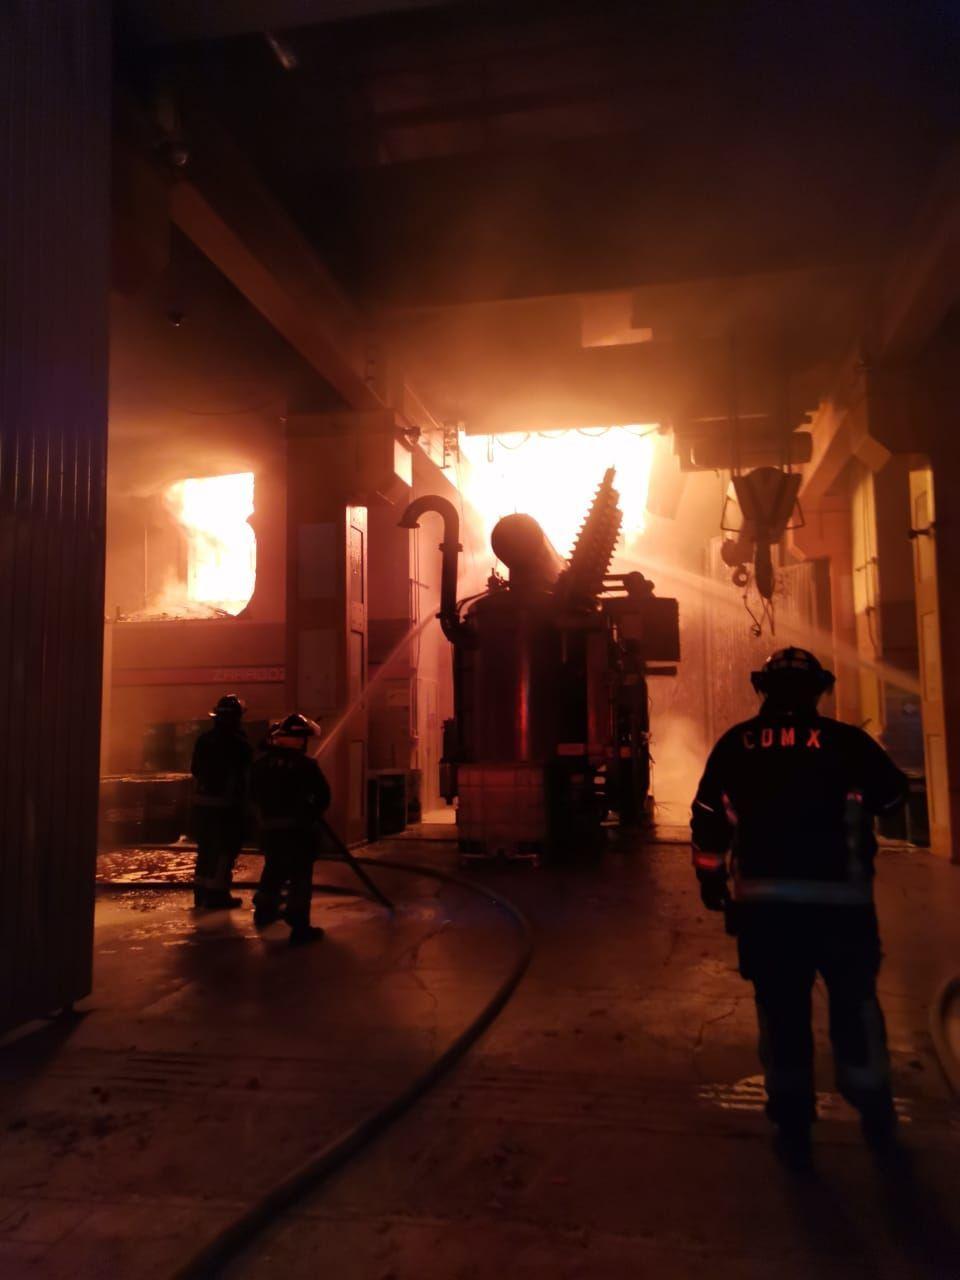 9 de enero 2021. Ciudad de México. Un incendio se registró en el Centro de Control del Metro ubicado en la calle de Delicias durante la madrugada de este sábado.